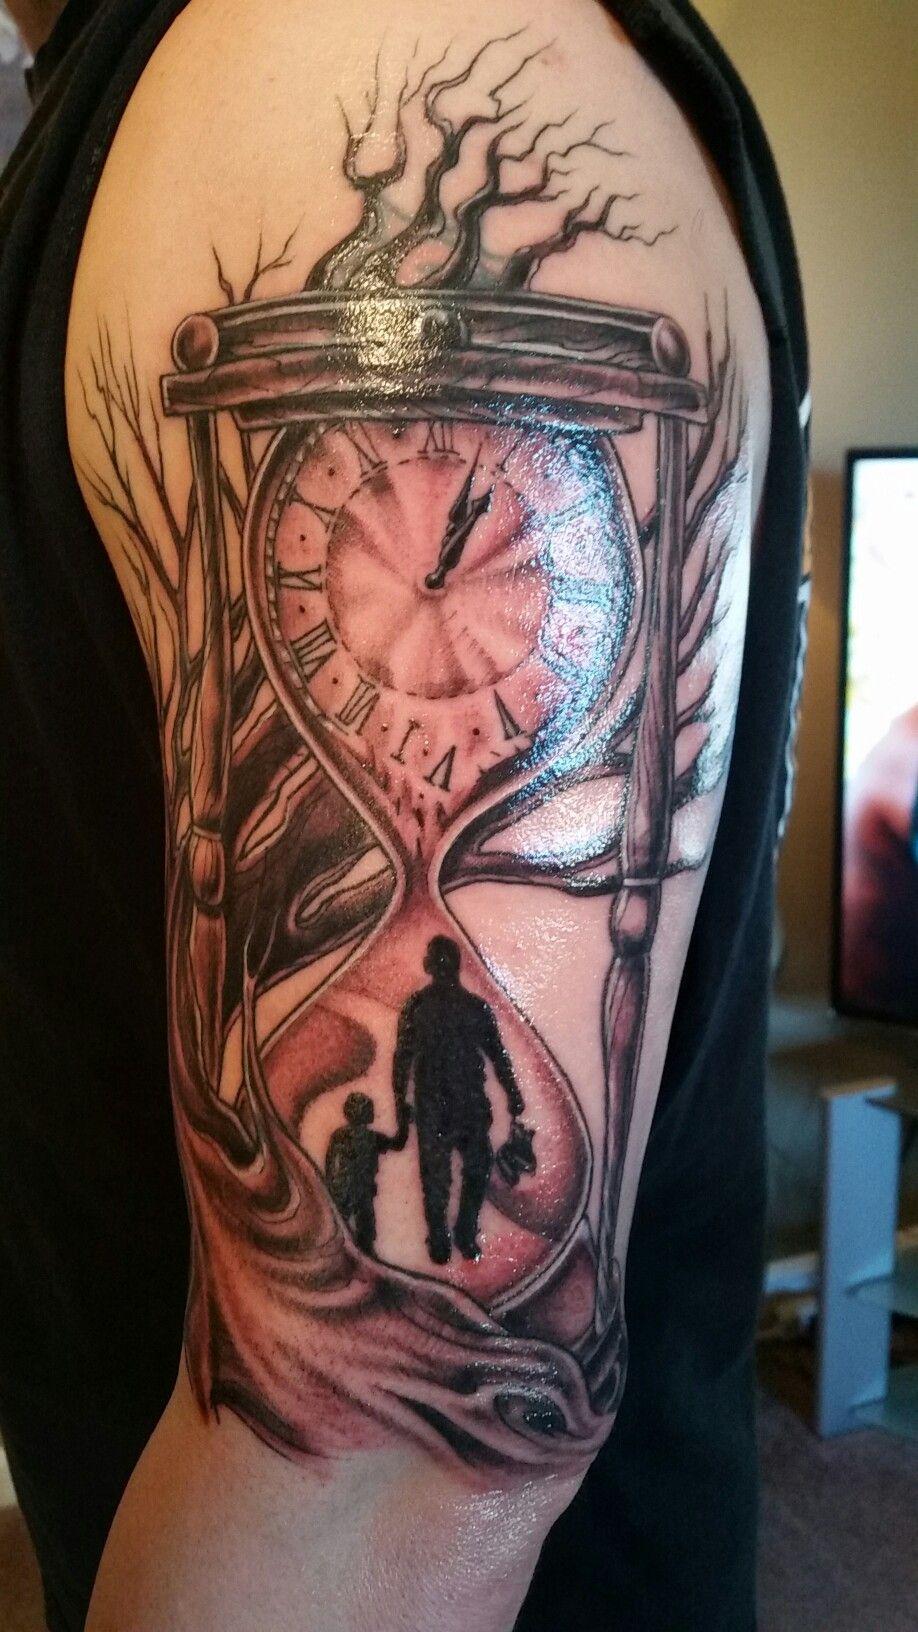 hourglass tattoo   tats   pinterest   hourglass tattoo, tattoo and